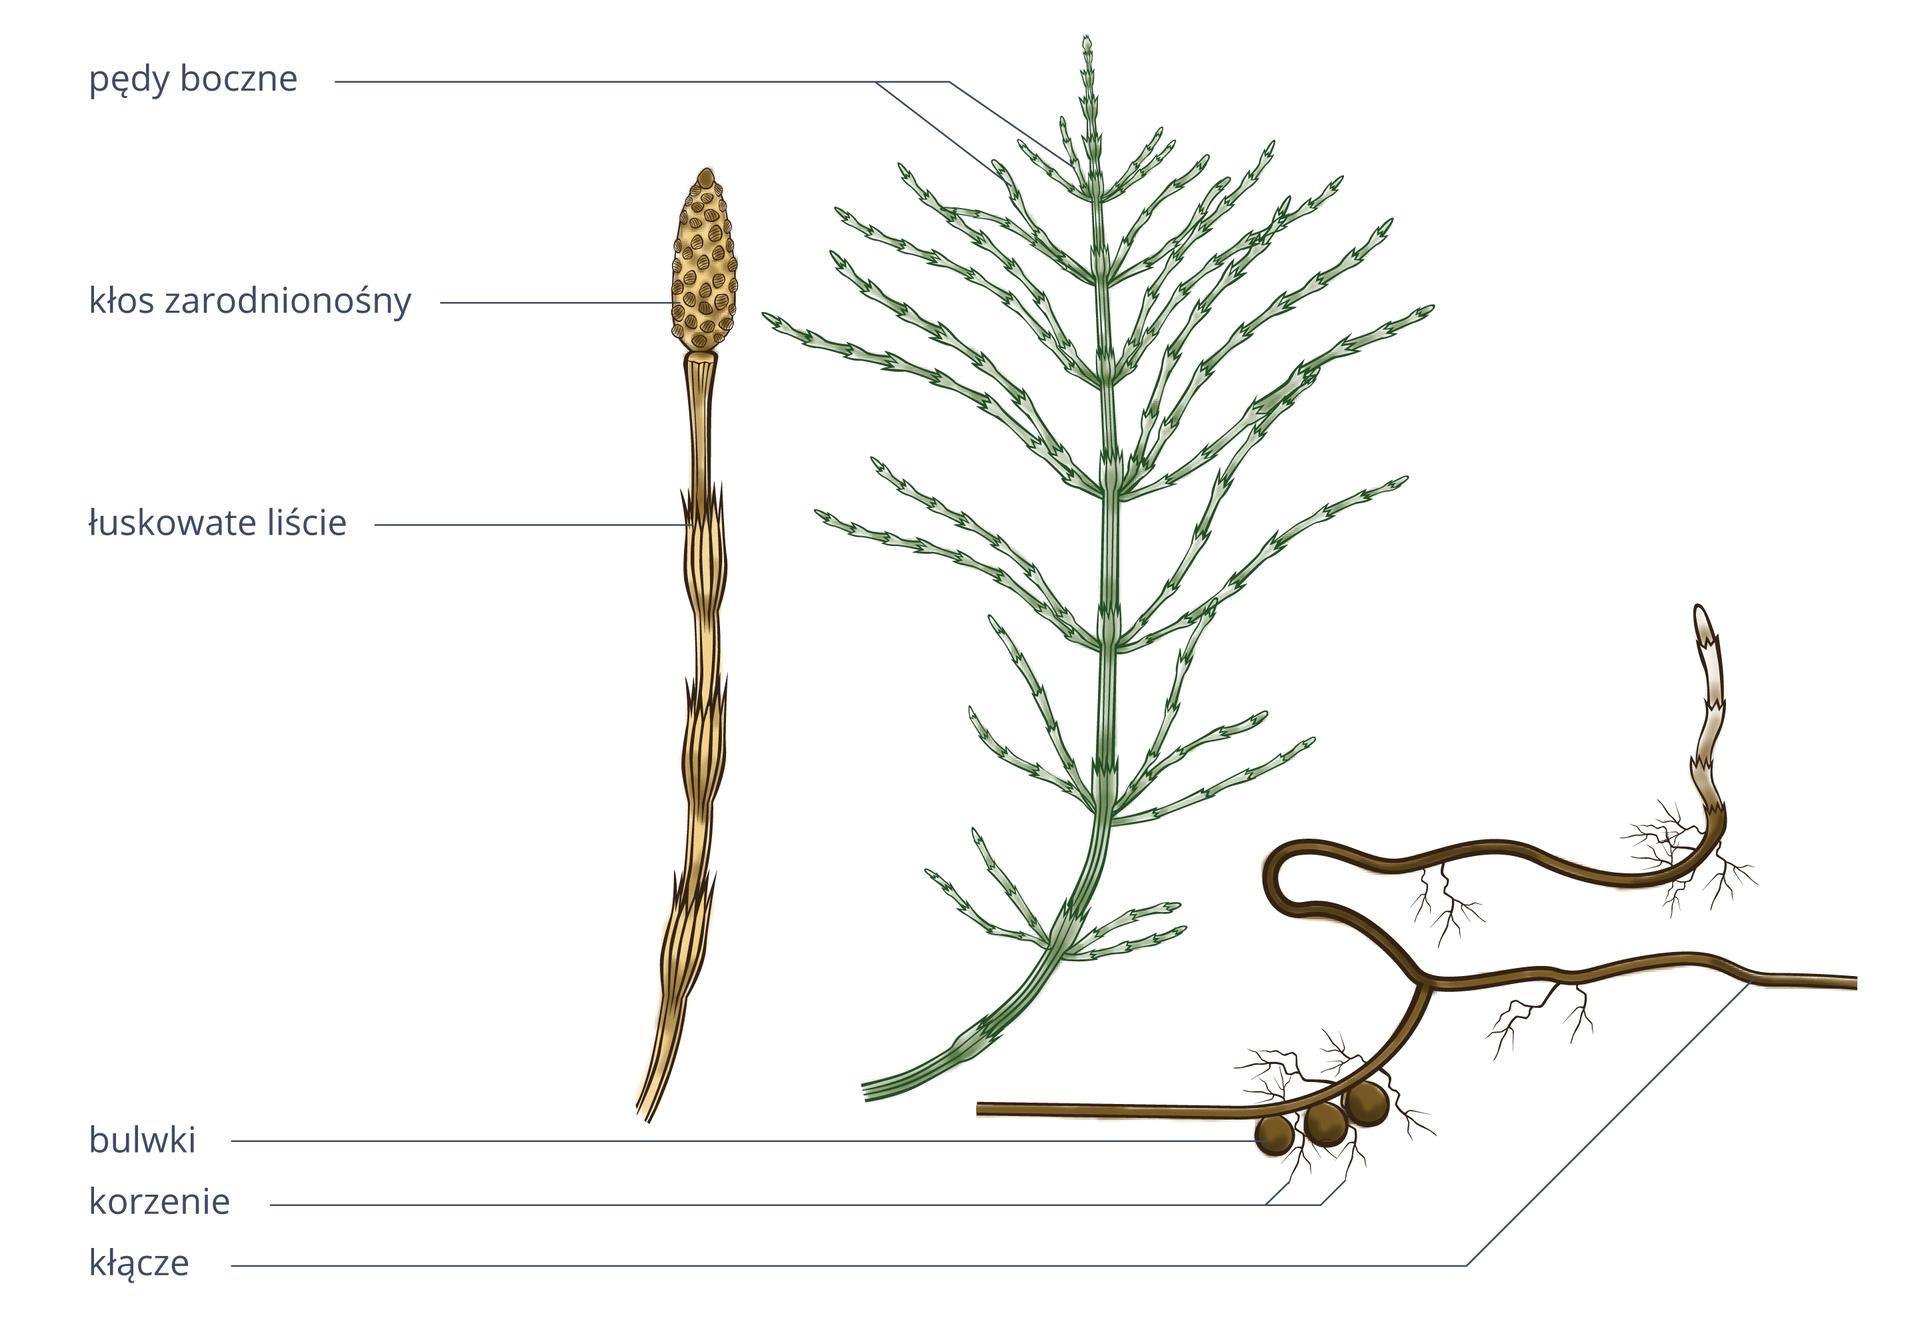 Ilustracja przedstawia trzy rysunki, ukazujące budowę różnych części skrzypu polnego. Pierwsza zlewej łodyga jest jasnobrązowa izłożona zodcinków, zktórych wyrastają łuskowate liście. Na szczycie ma owalny kłos zarodnionośny zlicznymi ciemnobrązowymi kropkami – zarodniami. Wśrodkowej części ilustracji przedstawiono zieloną łodygę skrzypu zlicznymi pędami bocznymi. Przypomina delikatną choinkę. Po prawej znajduje się ciemnobrązowa łodyga podziemna zkulistymi bulwkami. Wyrastają zniej wdół krótkie korzenie, awgórę łodyga.